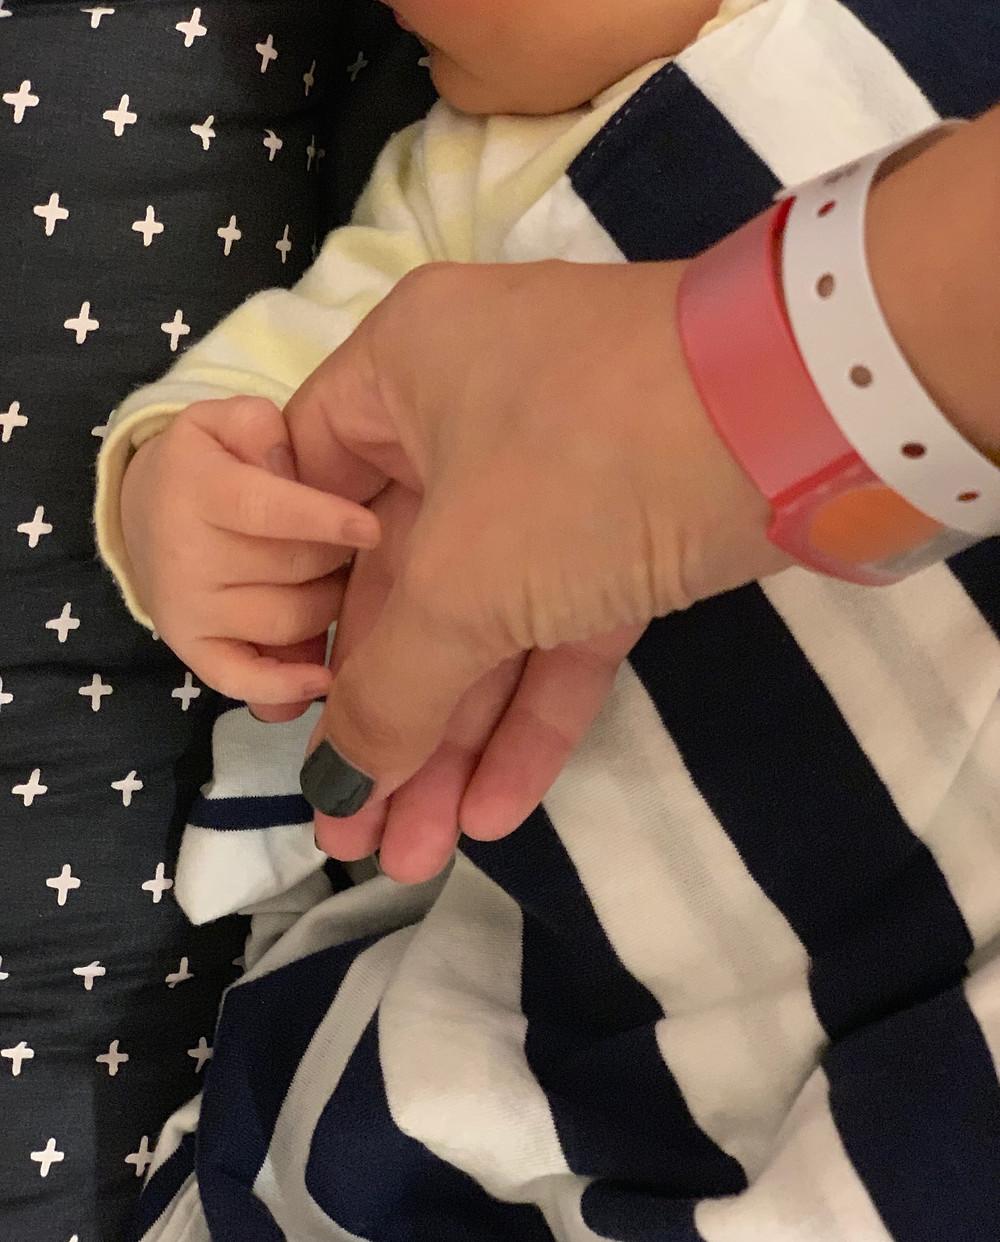 לידה, צמיד בית חולים, תינוק בן יום, לידה קיסרית, ניתוח קיסרי,